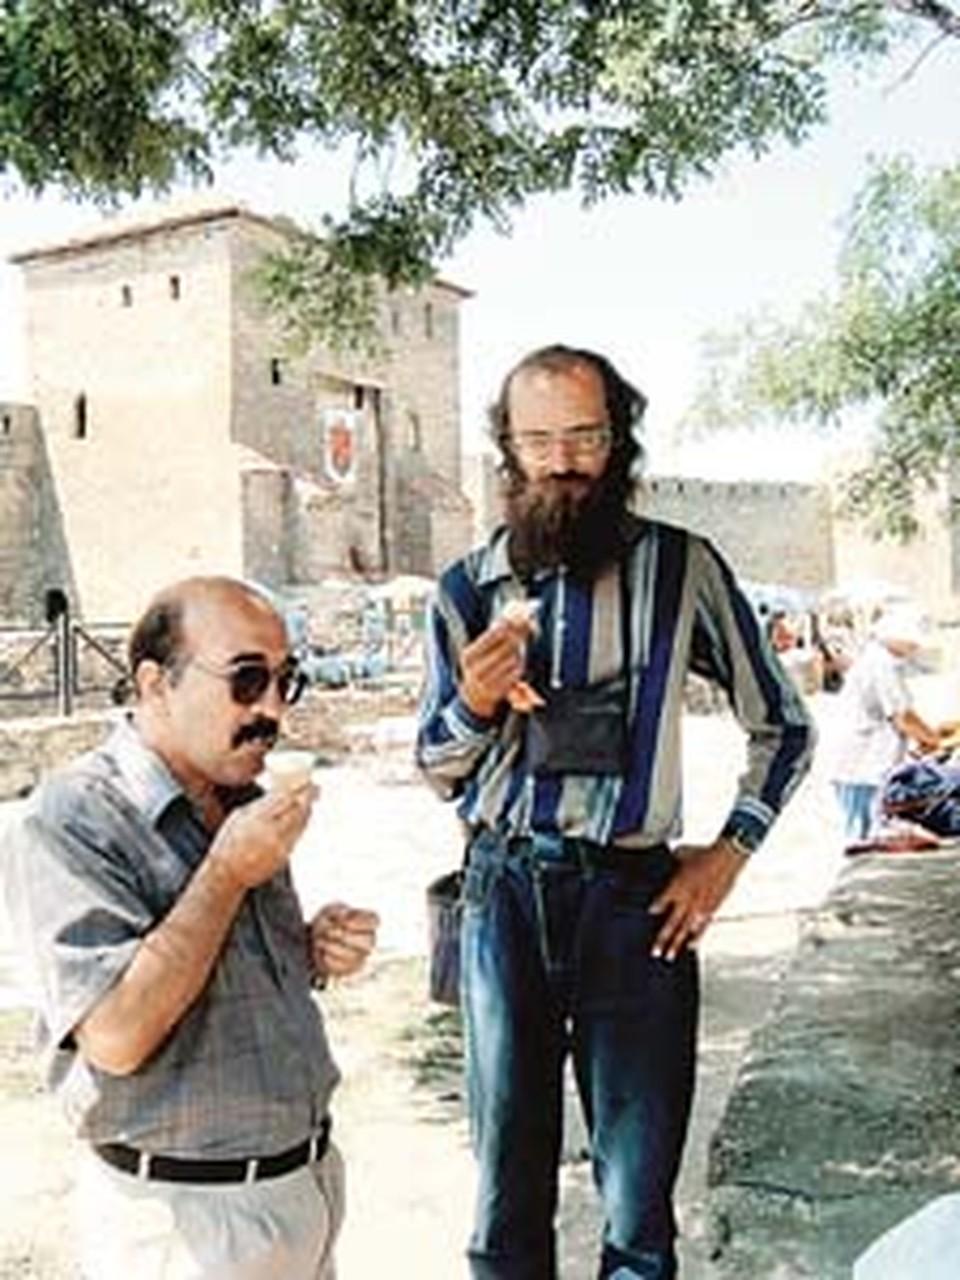 Геолог Константин Пронин (слева) и аномальщик Андрей Перепелицын готовы спасти жителей Белгорода от подземной напасти.